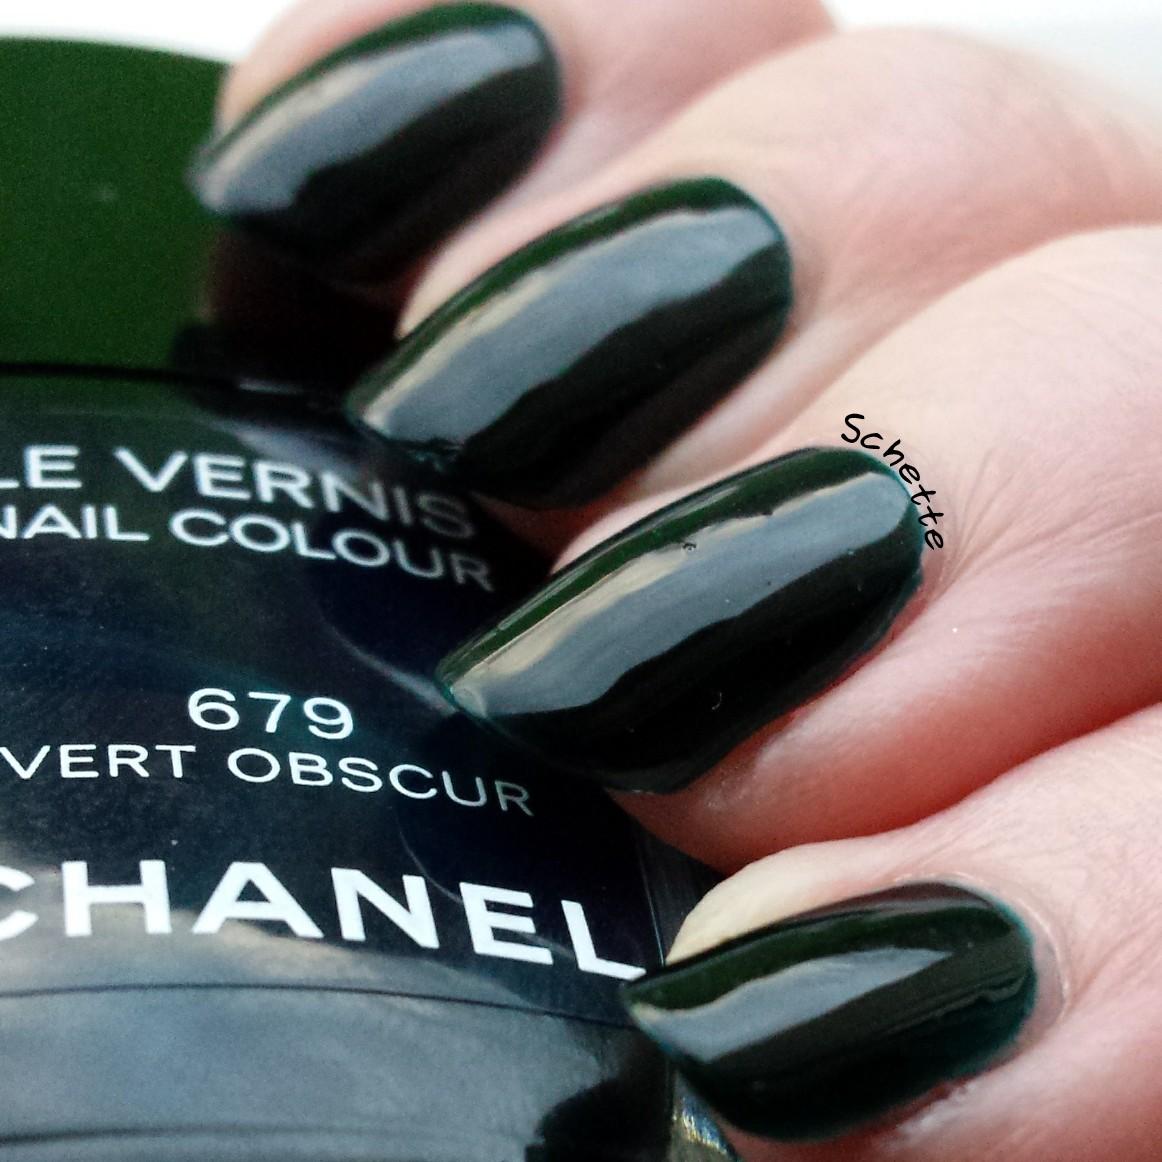 Chanel : Vert Obscur